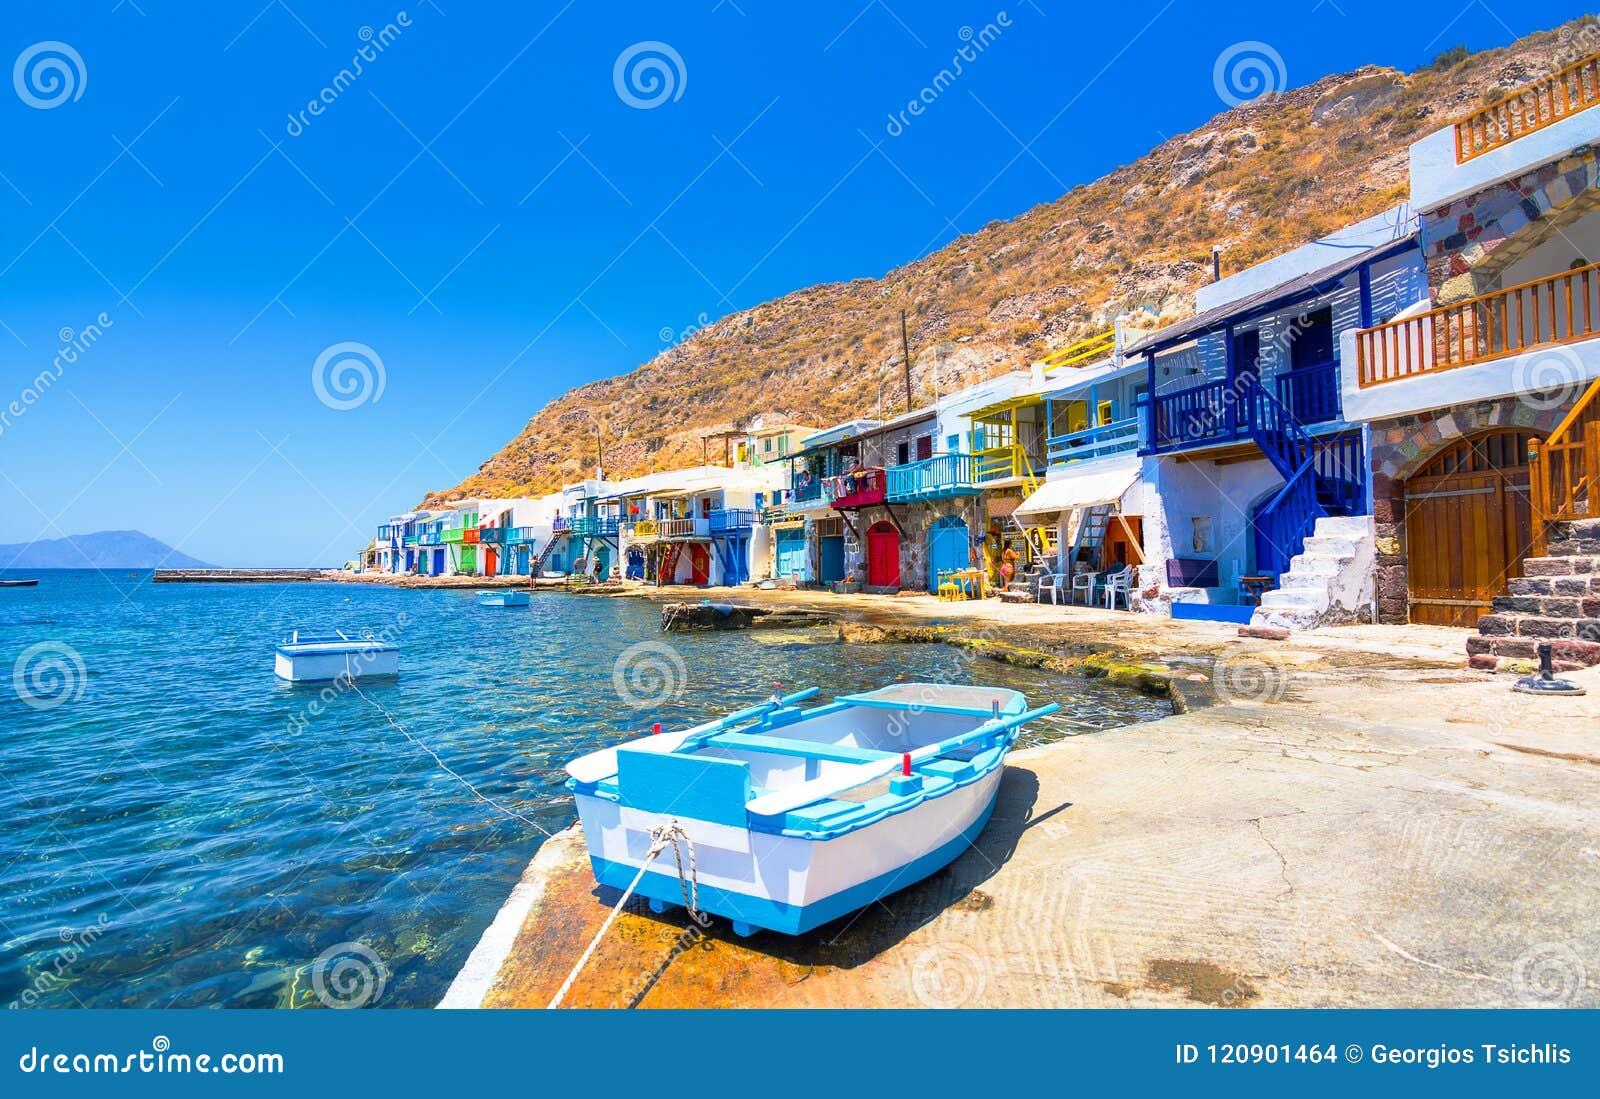 Vila grega tradicional da vila cênico de Klima pelo mar, o Cycladic-estilo com sirmata - casas tradicionais do ` s dos pescadores